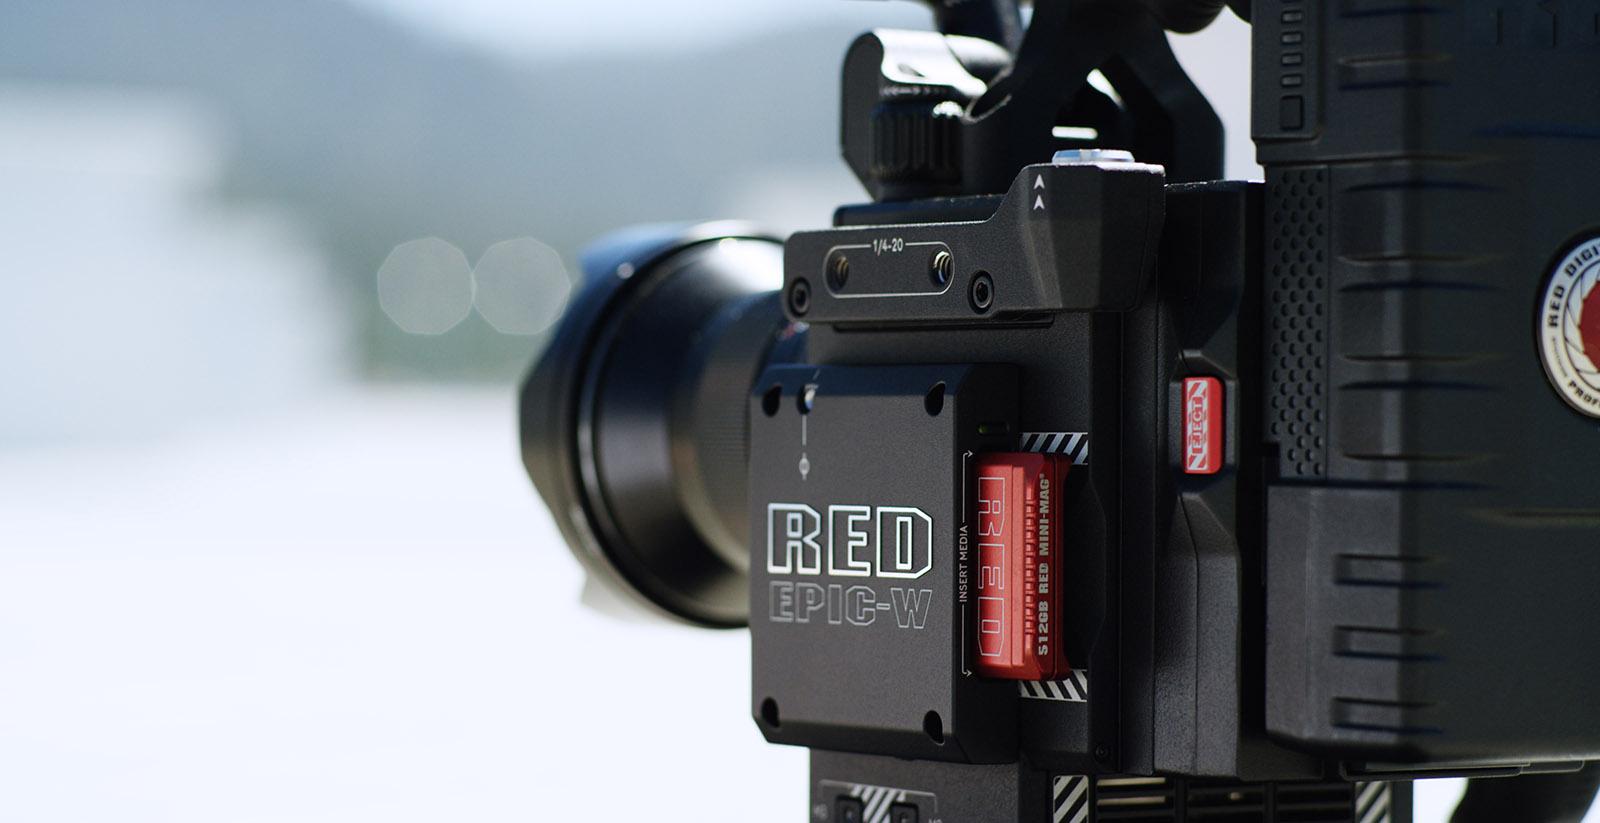 red-epic-w-8k-2016-10-12-01.jpg